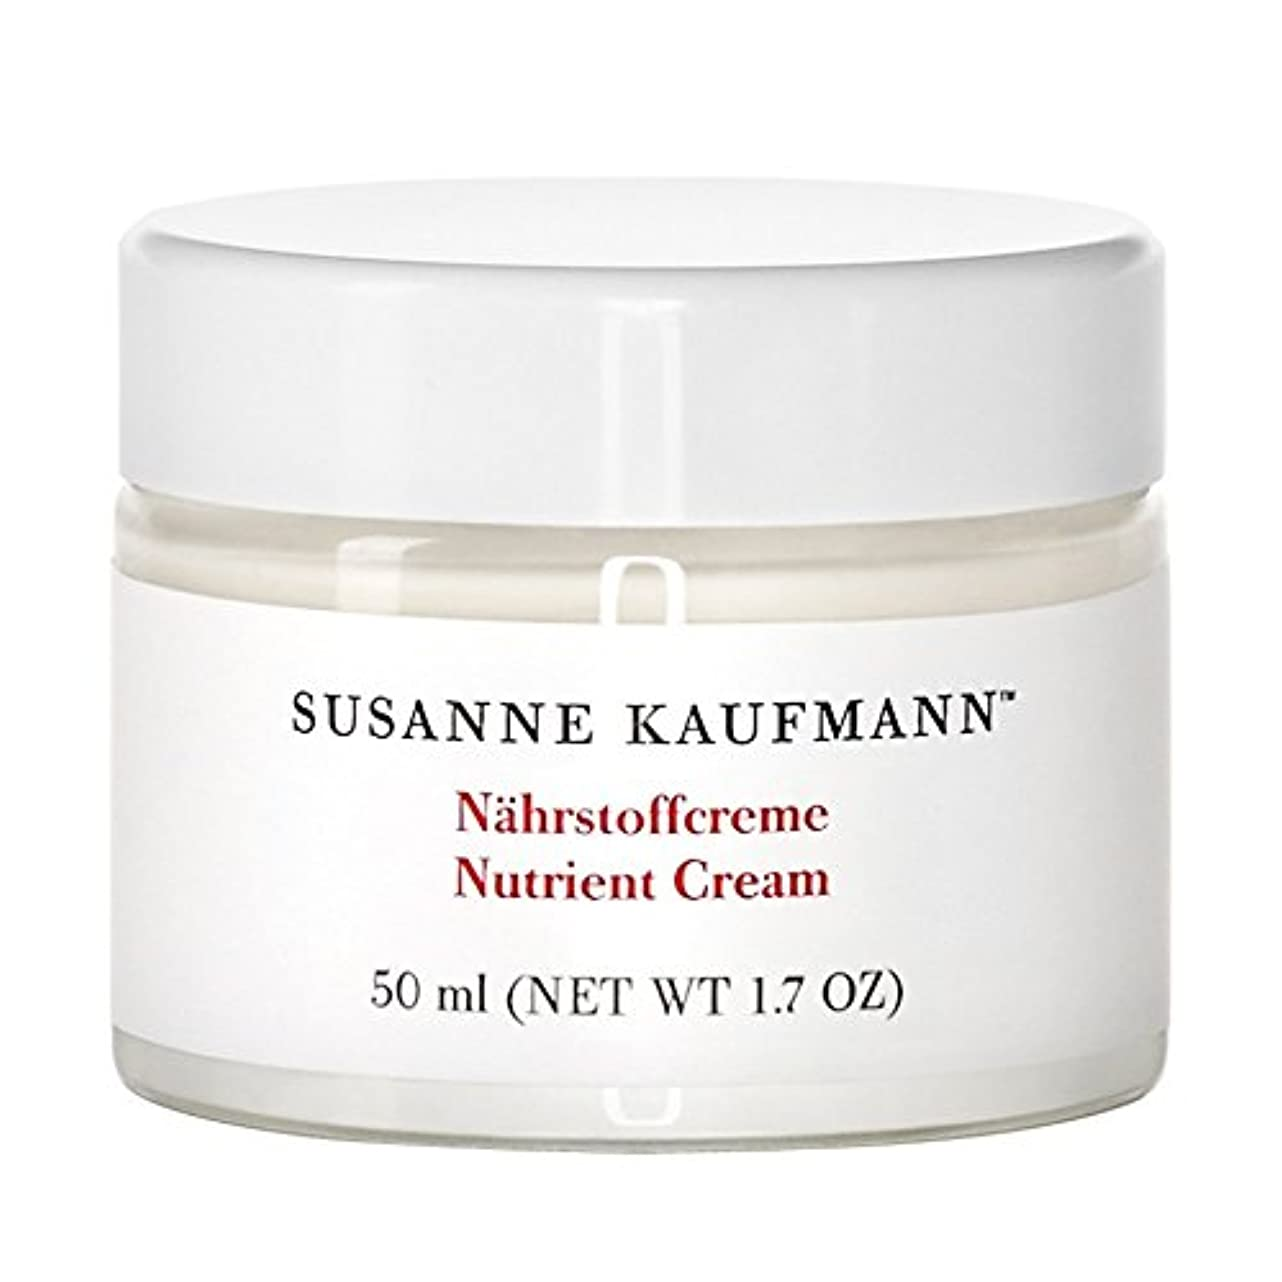 ハム無しバリケードスザンヌカウフマン栄養クリーム50 x2 - Susanne Kaufmann Nutrient Cream 50ml (Pack of 2) [並行輸入品]